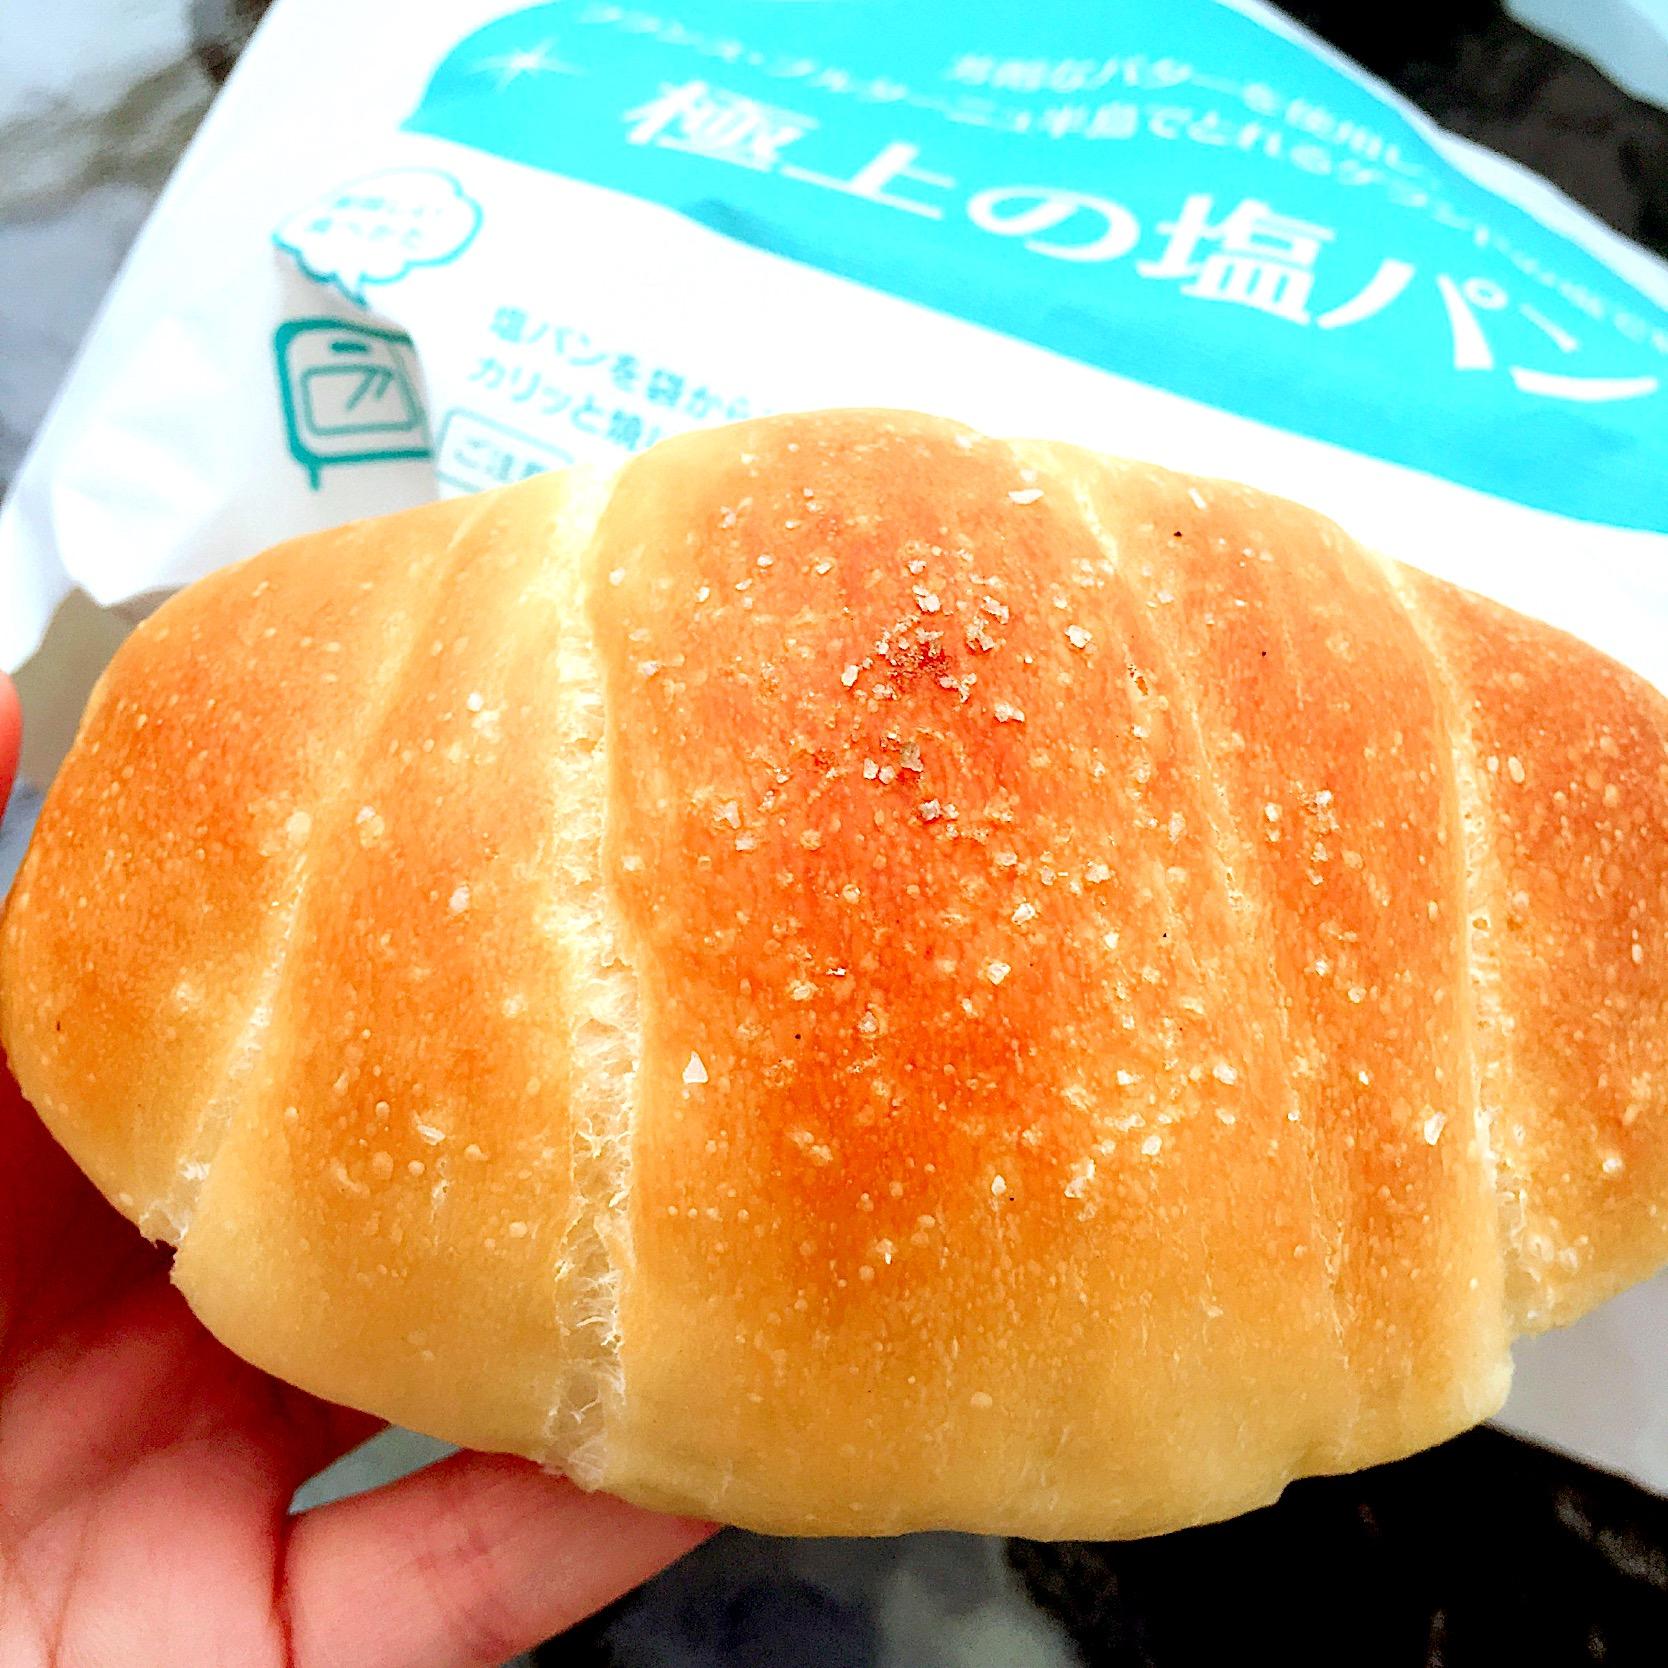 【スキダマリンク】熊本健軍にある塩パン1個90円がマジで半端ない!